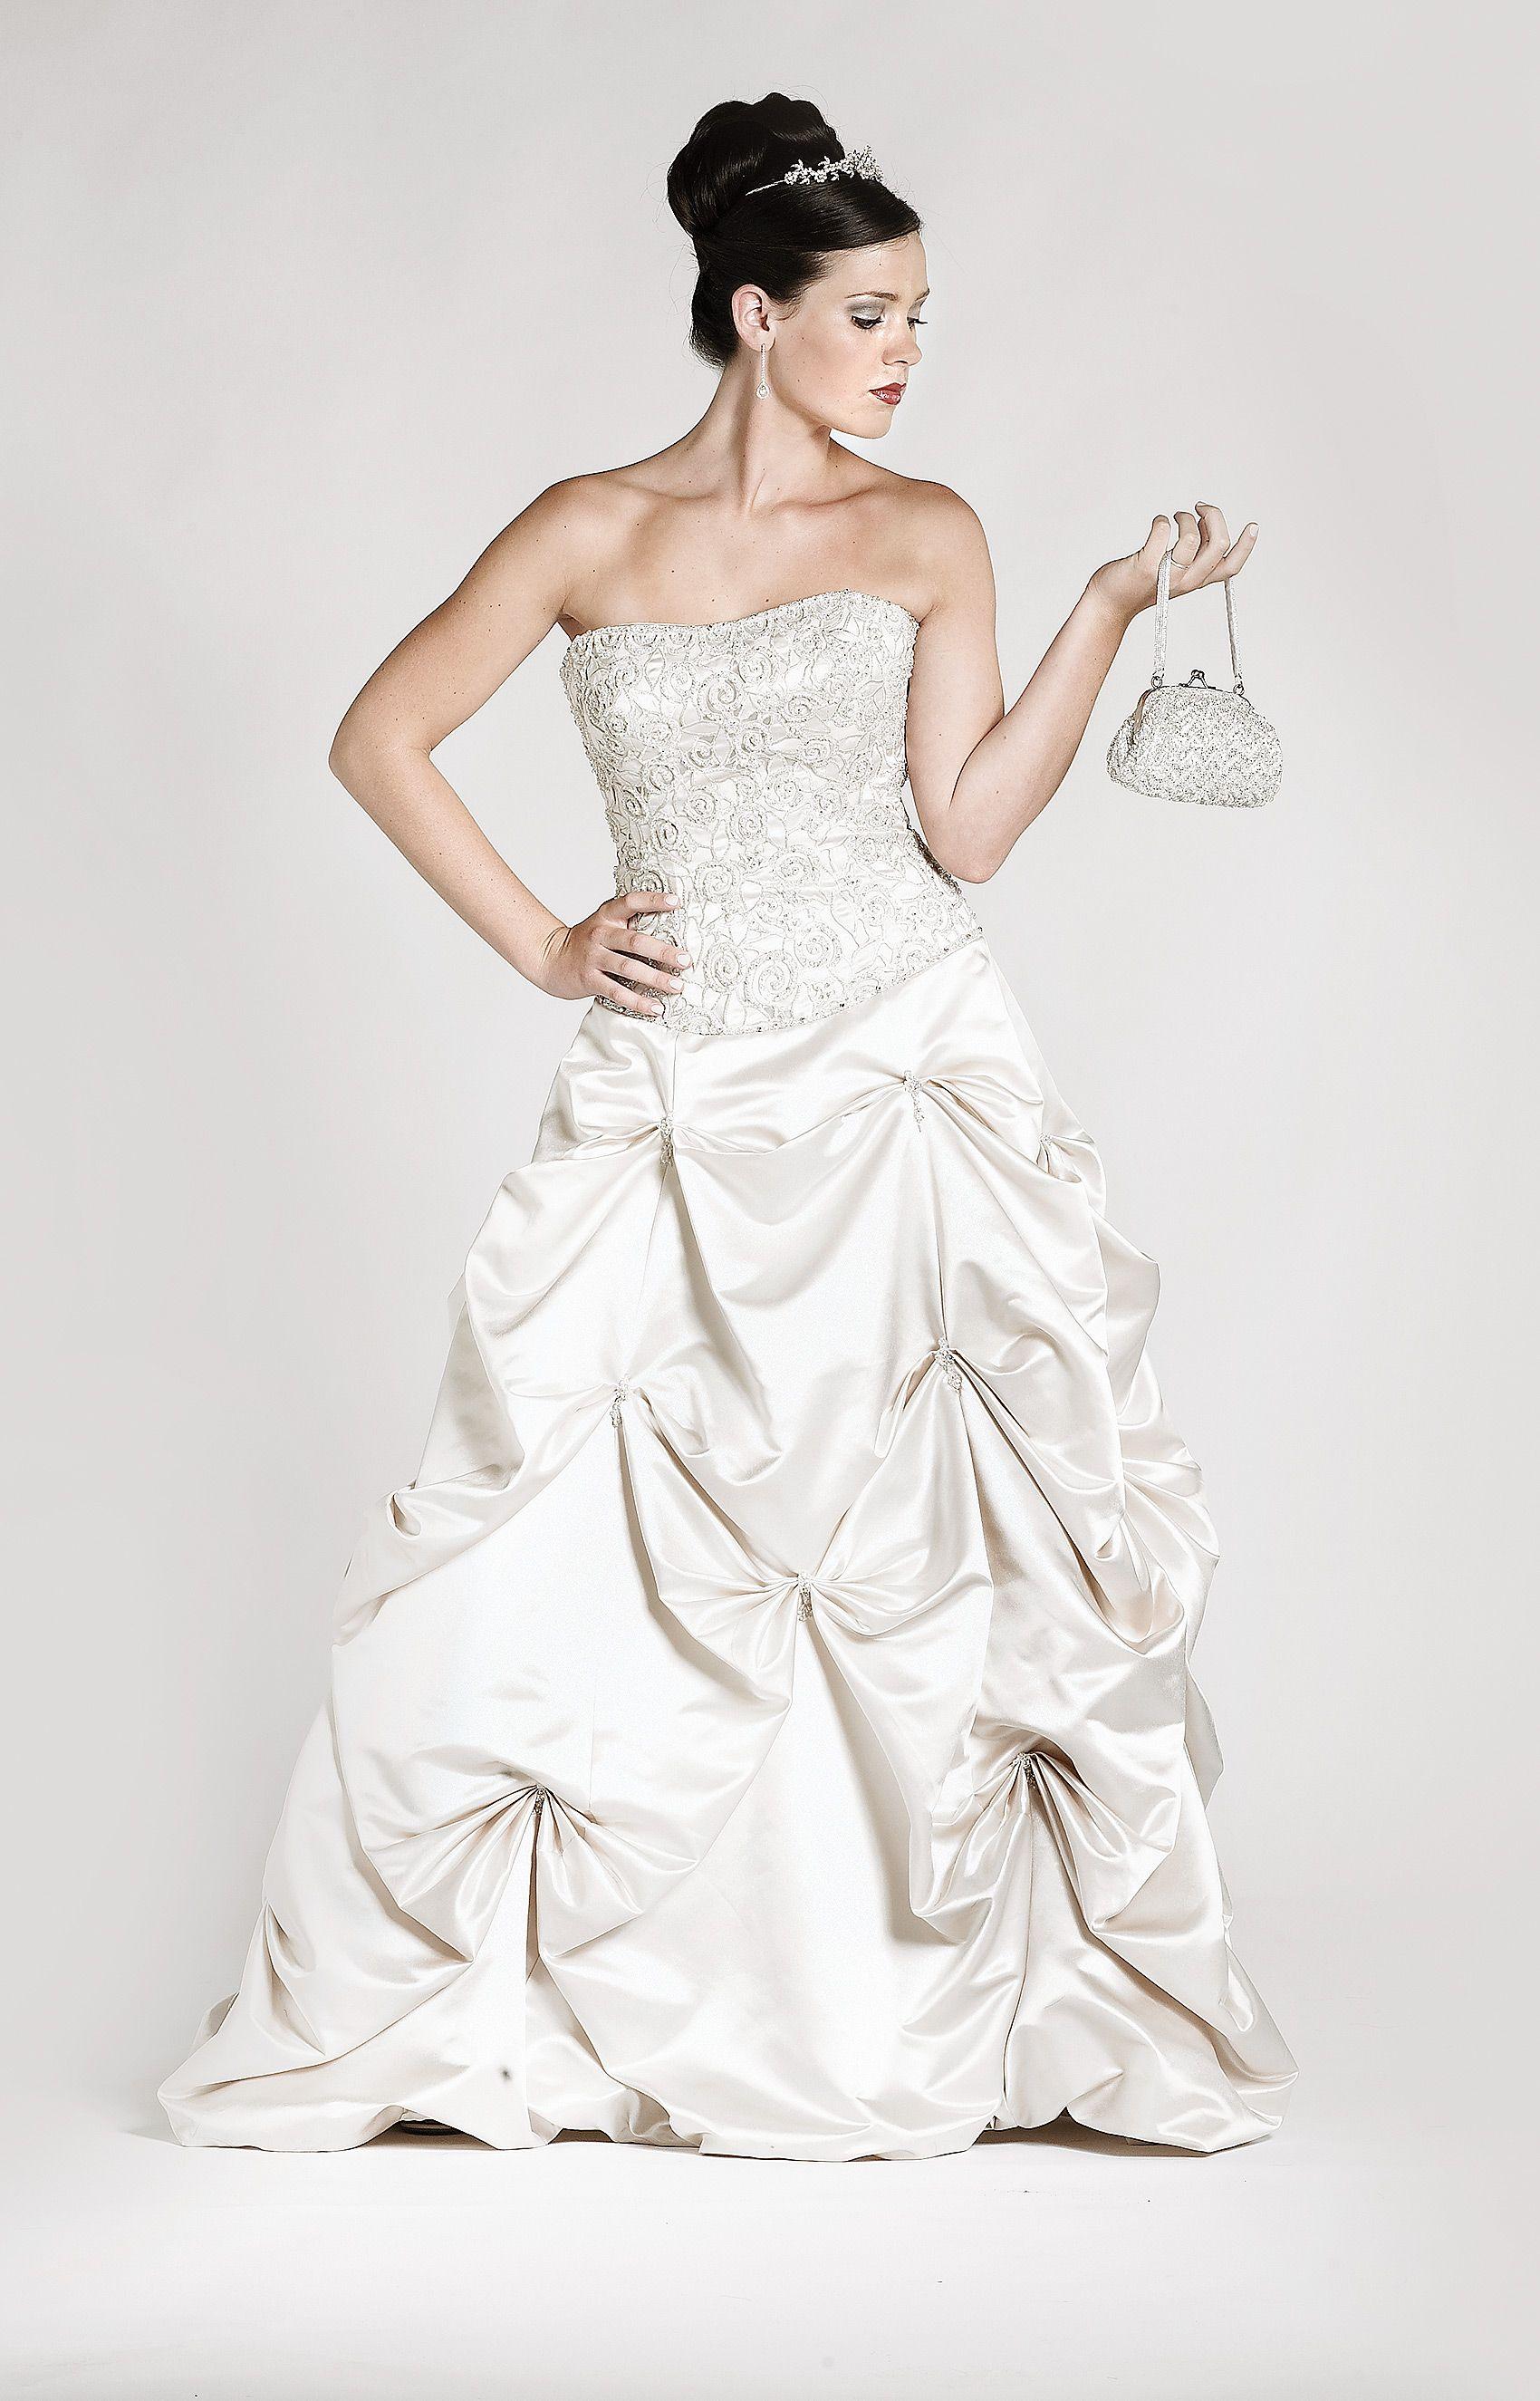 sj-wedding-038626-2.jpg